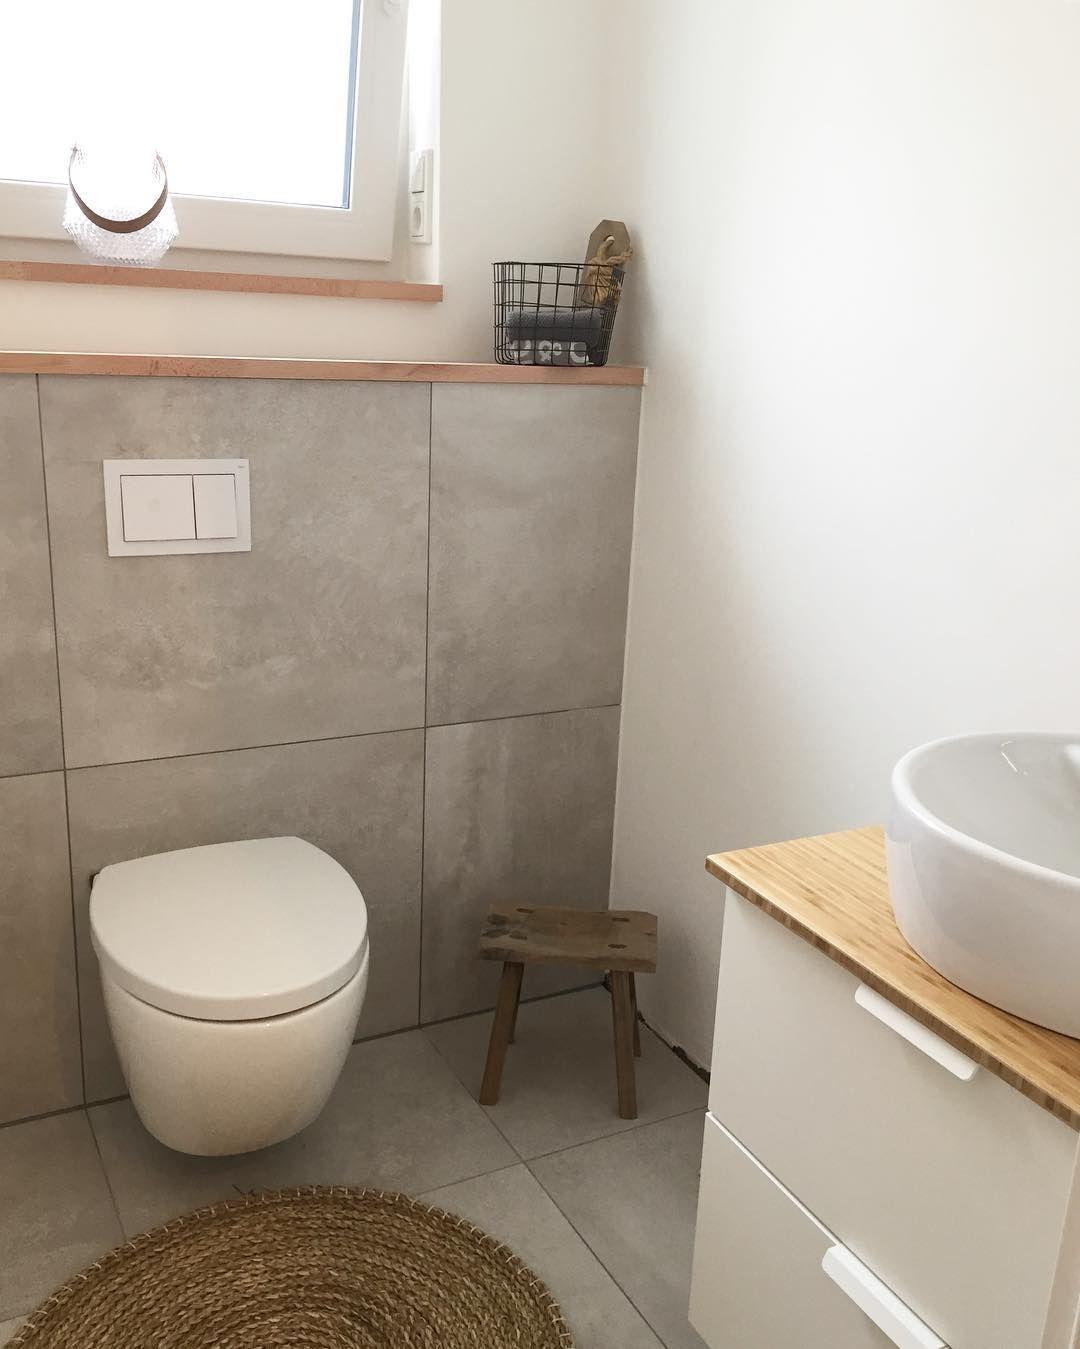 """@tasc85 on Instagram: """"Gäste-WC 😊🙋🏻. –  Wir schauen 📺 gleich #goodbyedeutschland 🇩🇪. Schaut ihr das eigentlich auch so gerne 🏝🗽🌍? #solebich #homeinspiration…"""""""